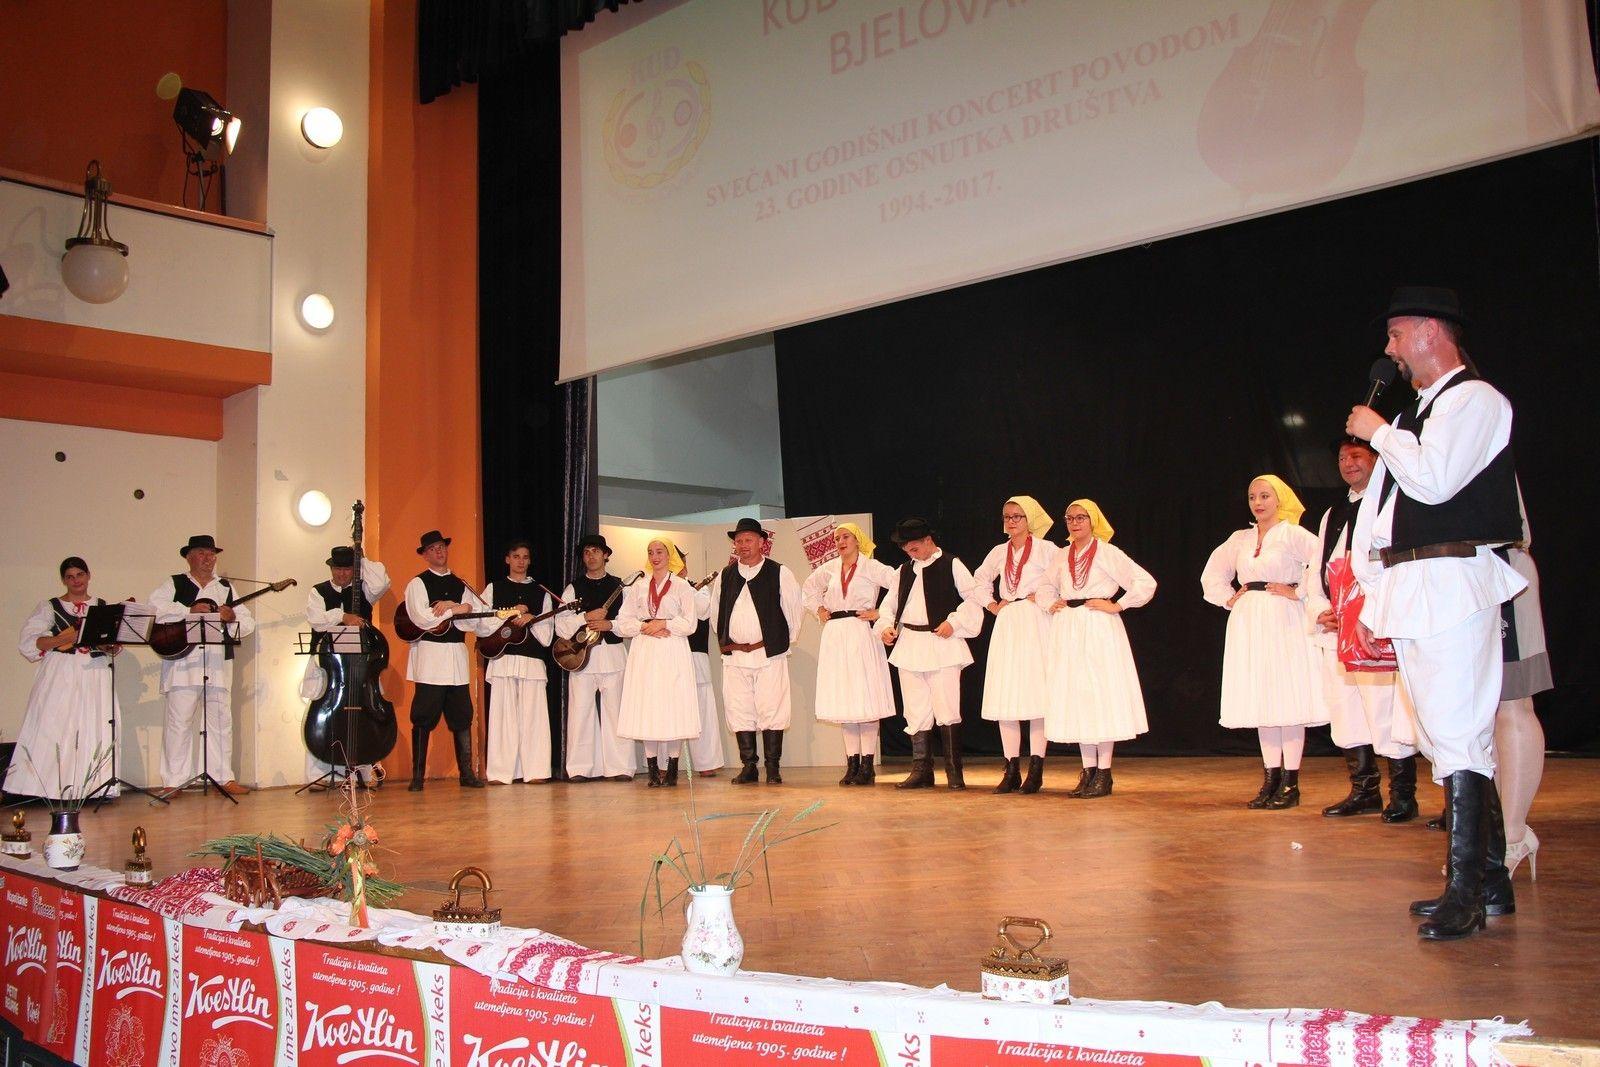 KUD Bjelovar s pjesmom i plesom obilježio 23. rođendan